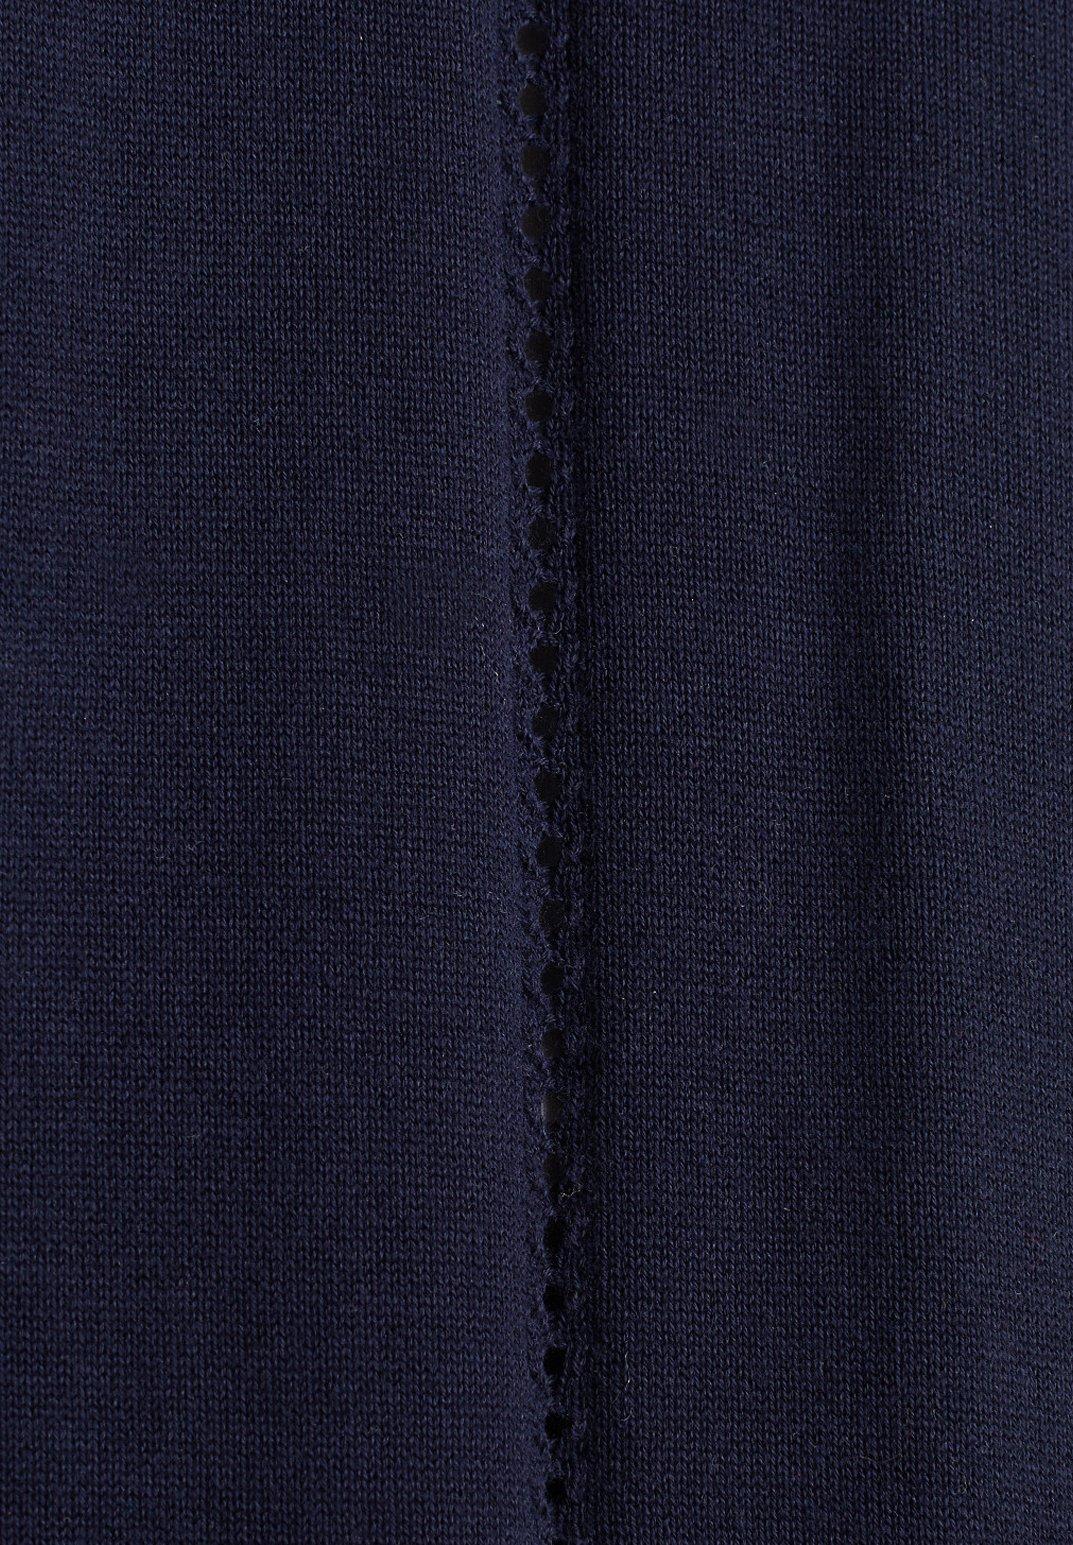 Esprit Mit Lochmuster-details - Strikjakke /cardigans Navy